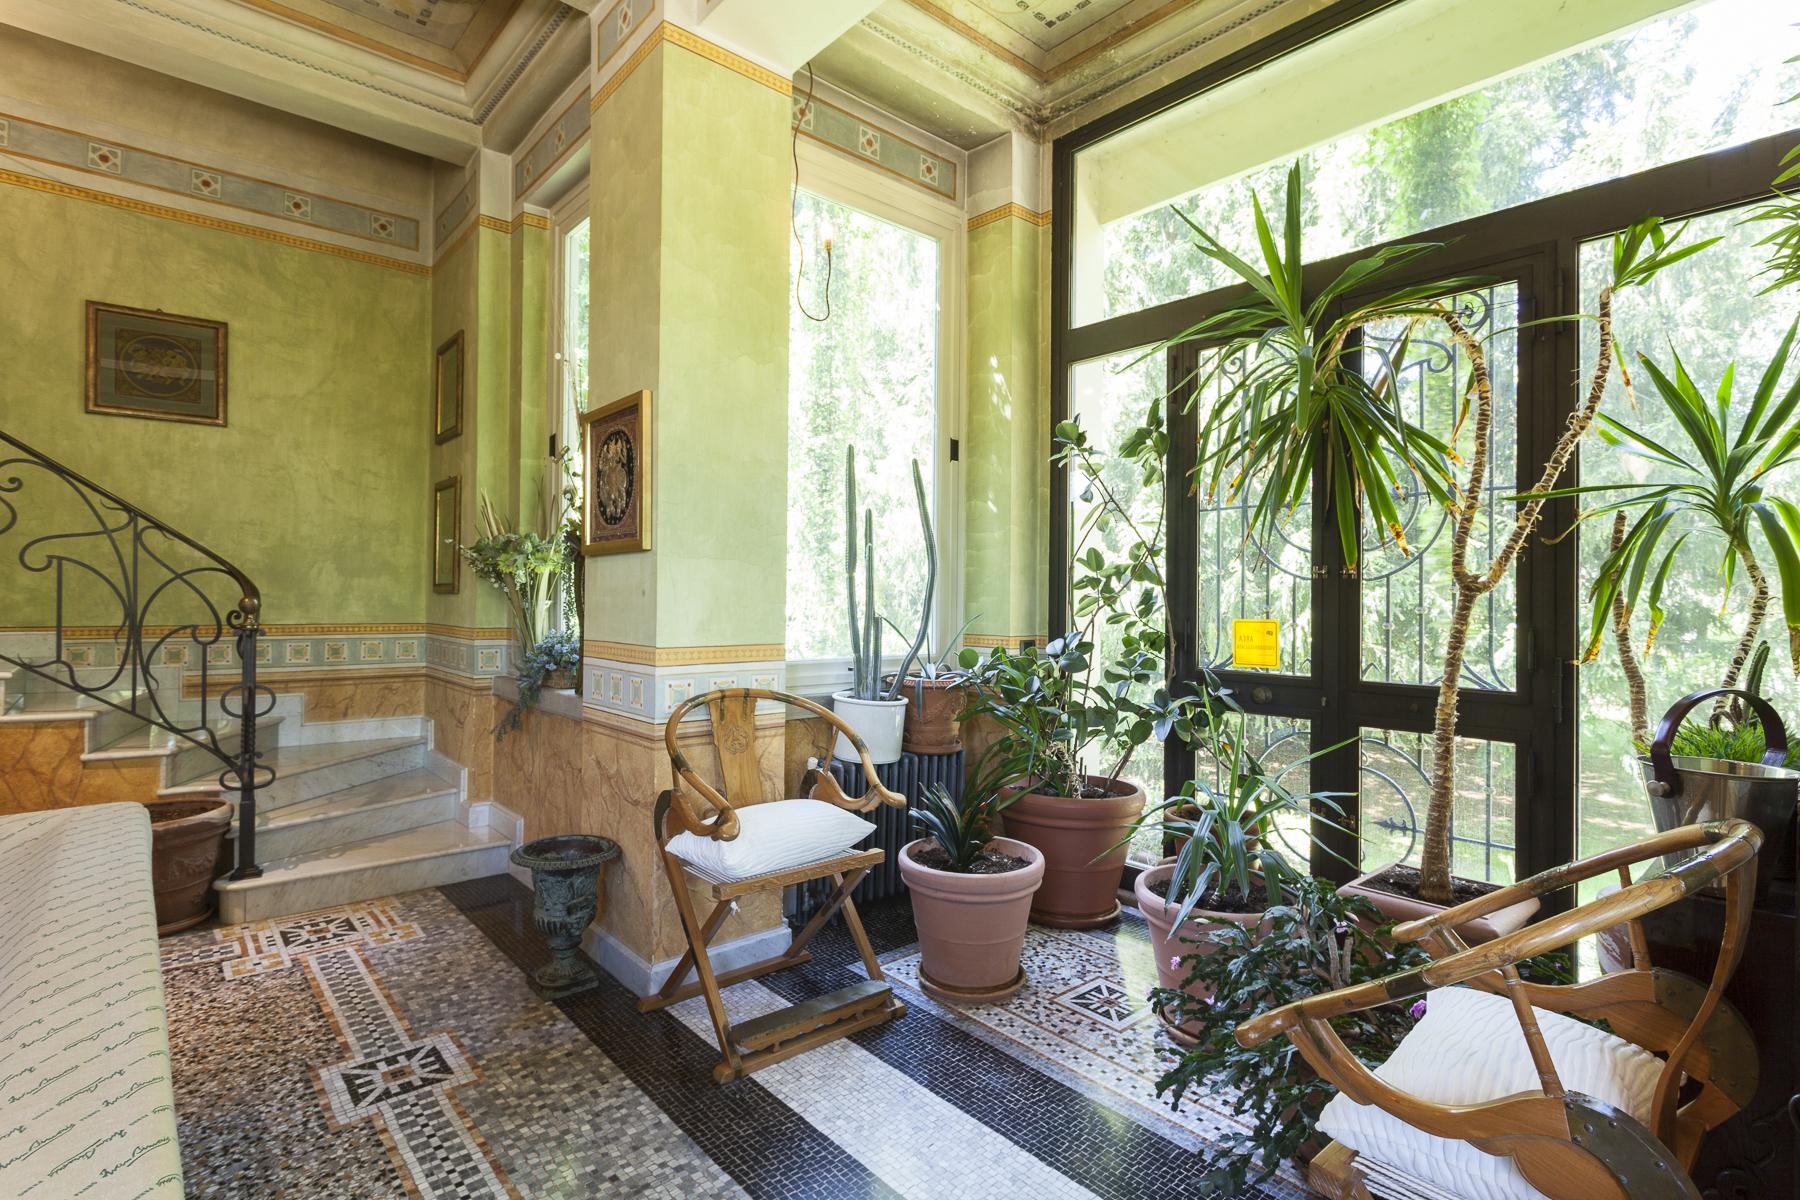 Villa in Vendita a Rivoli: 5 locali, 450 mq - Foto 16